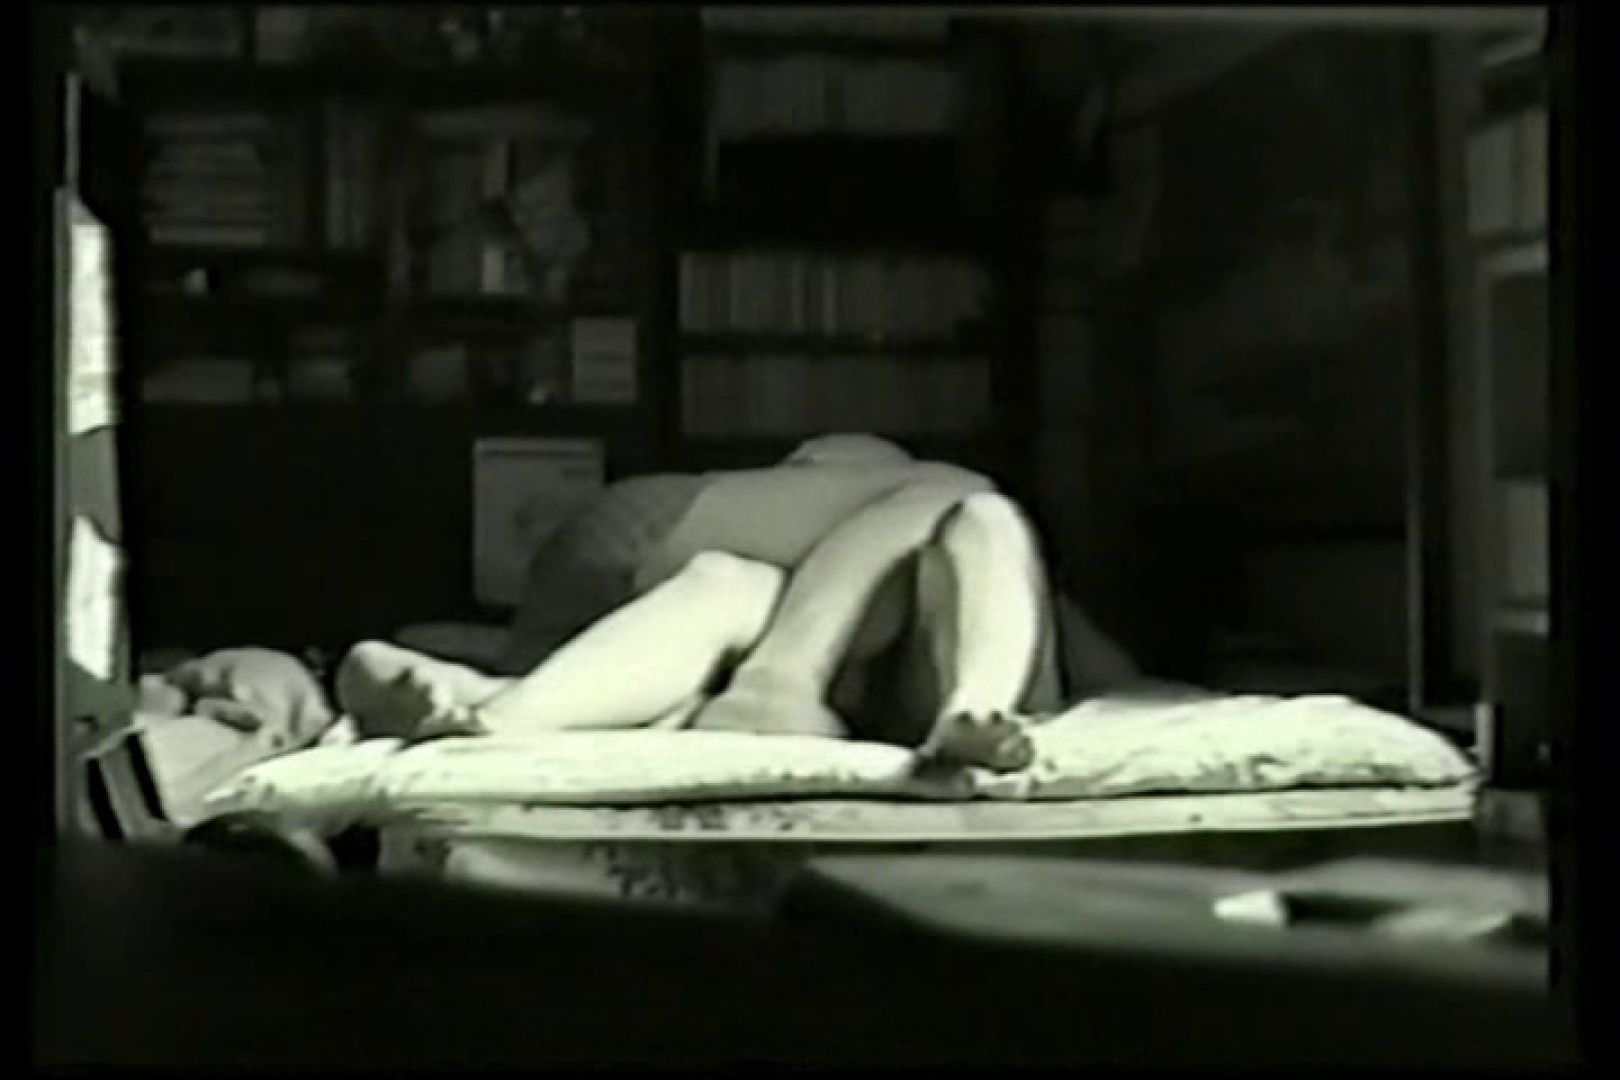 素人嬢をホテルに連れ込みアンナ事・コンナ事!?Vol.5 エッチなセックス おまんこ無修正動画無料 62画像 2